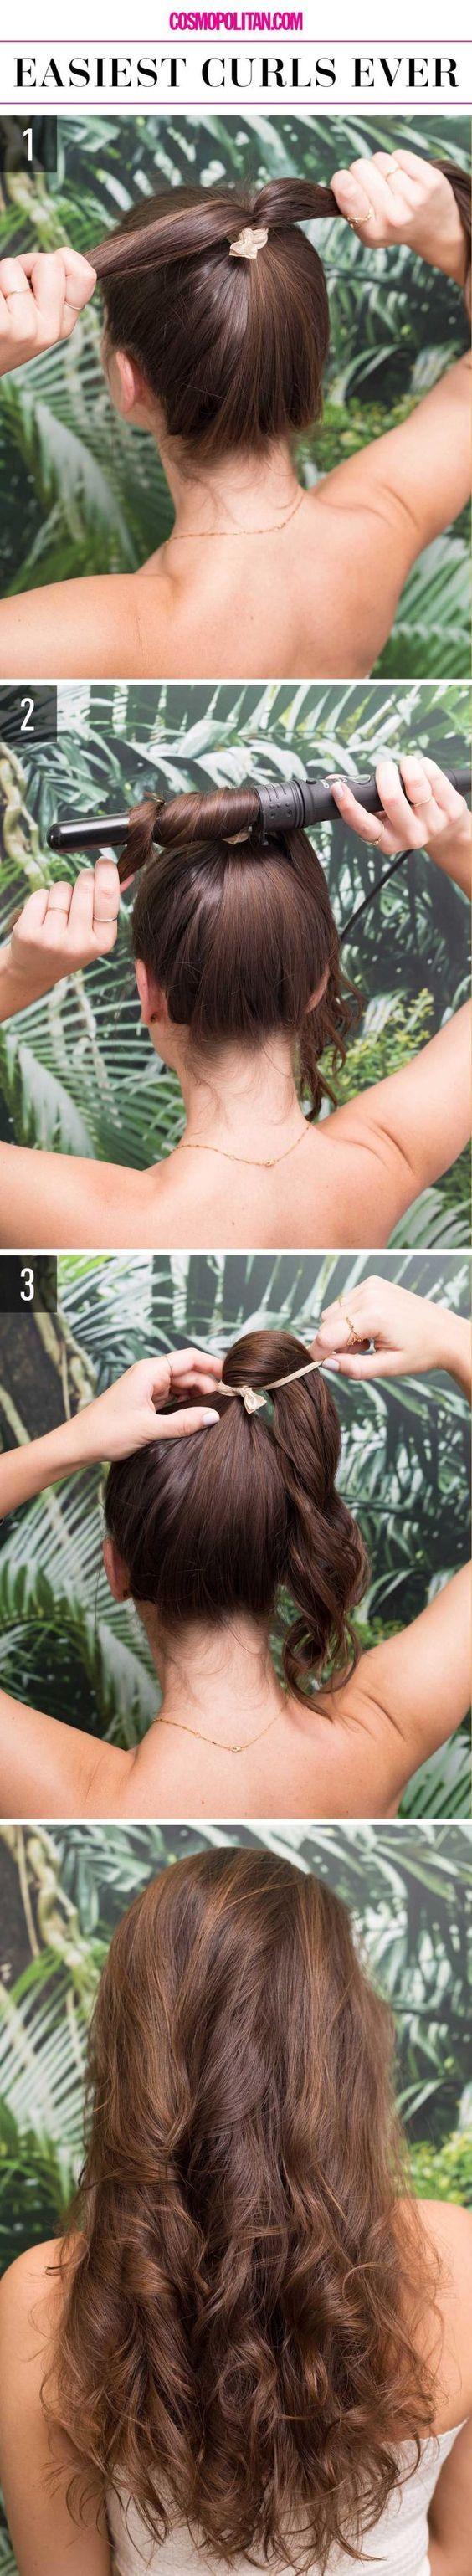 12 Penteados fáceis para qualquer e todas as meninas preguiçoso